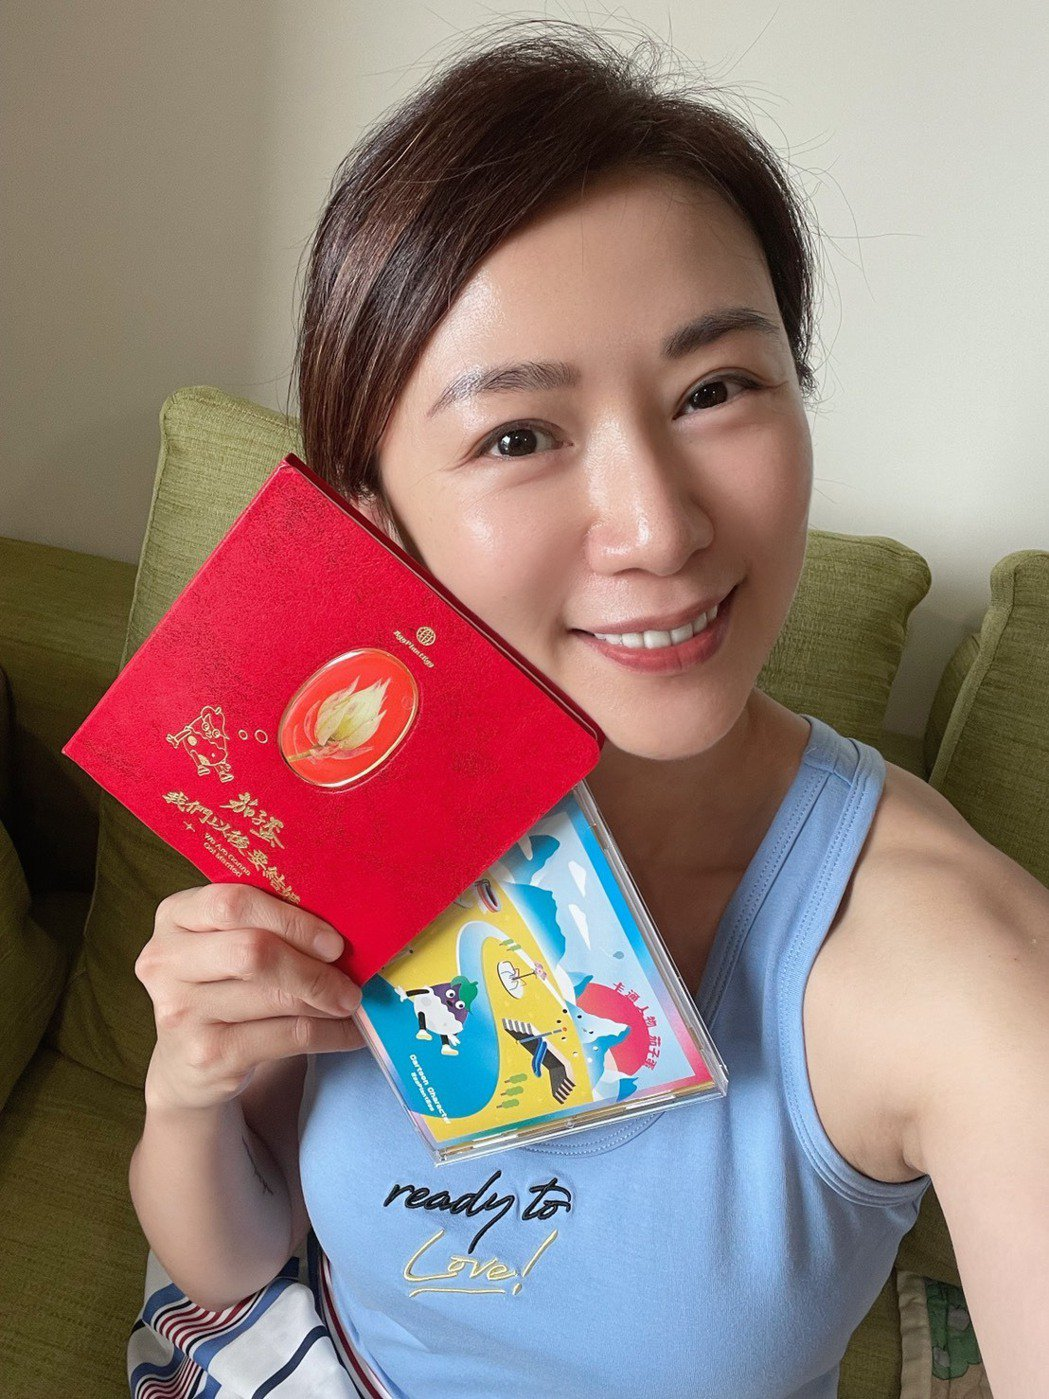 連靜雯開心拿到茄子蛋的親筆簽名專輯,也喊話希望參與拍攝MV。圖/楠軒工作室提供